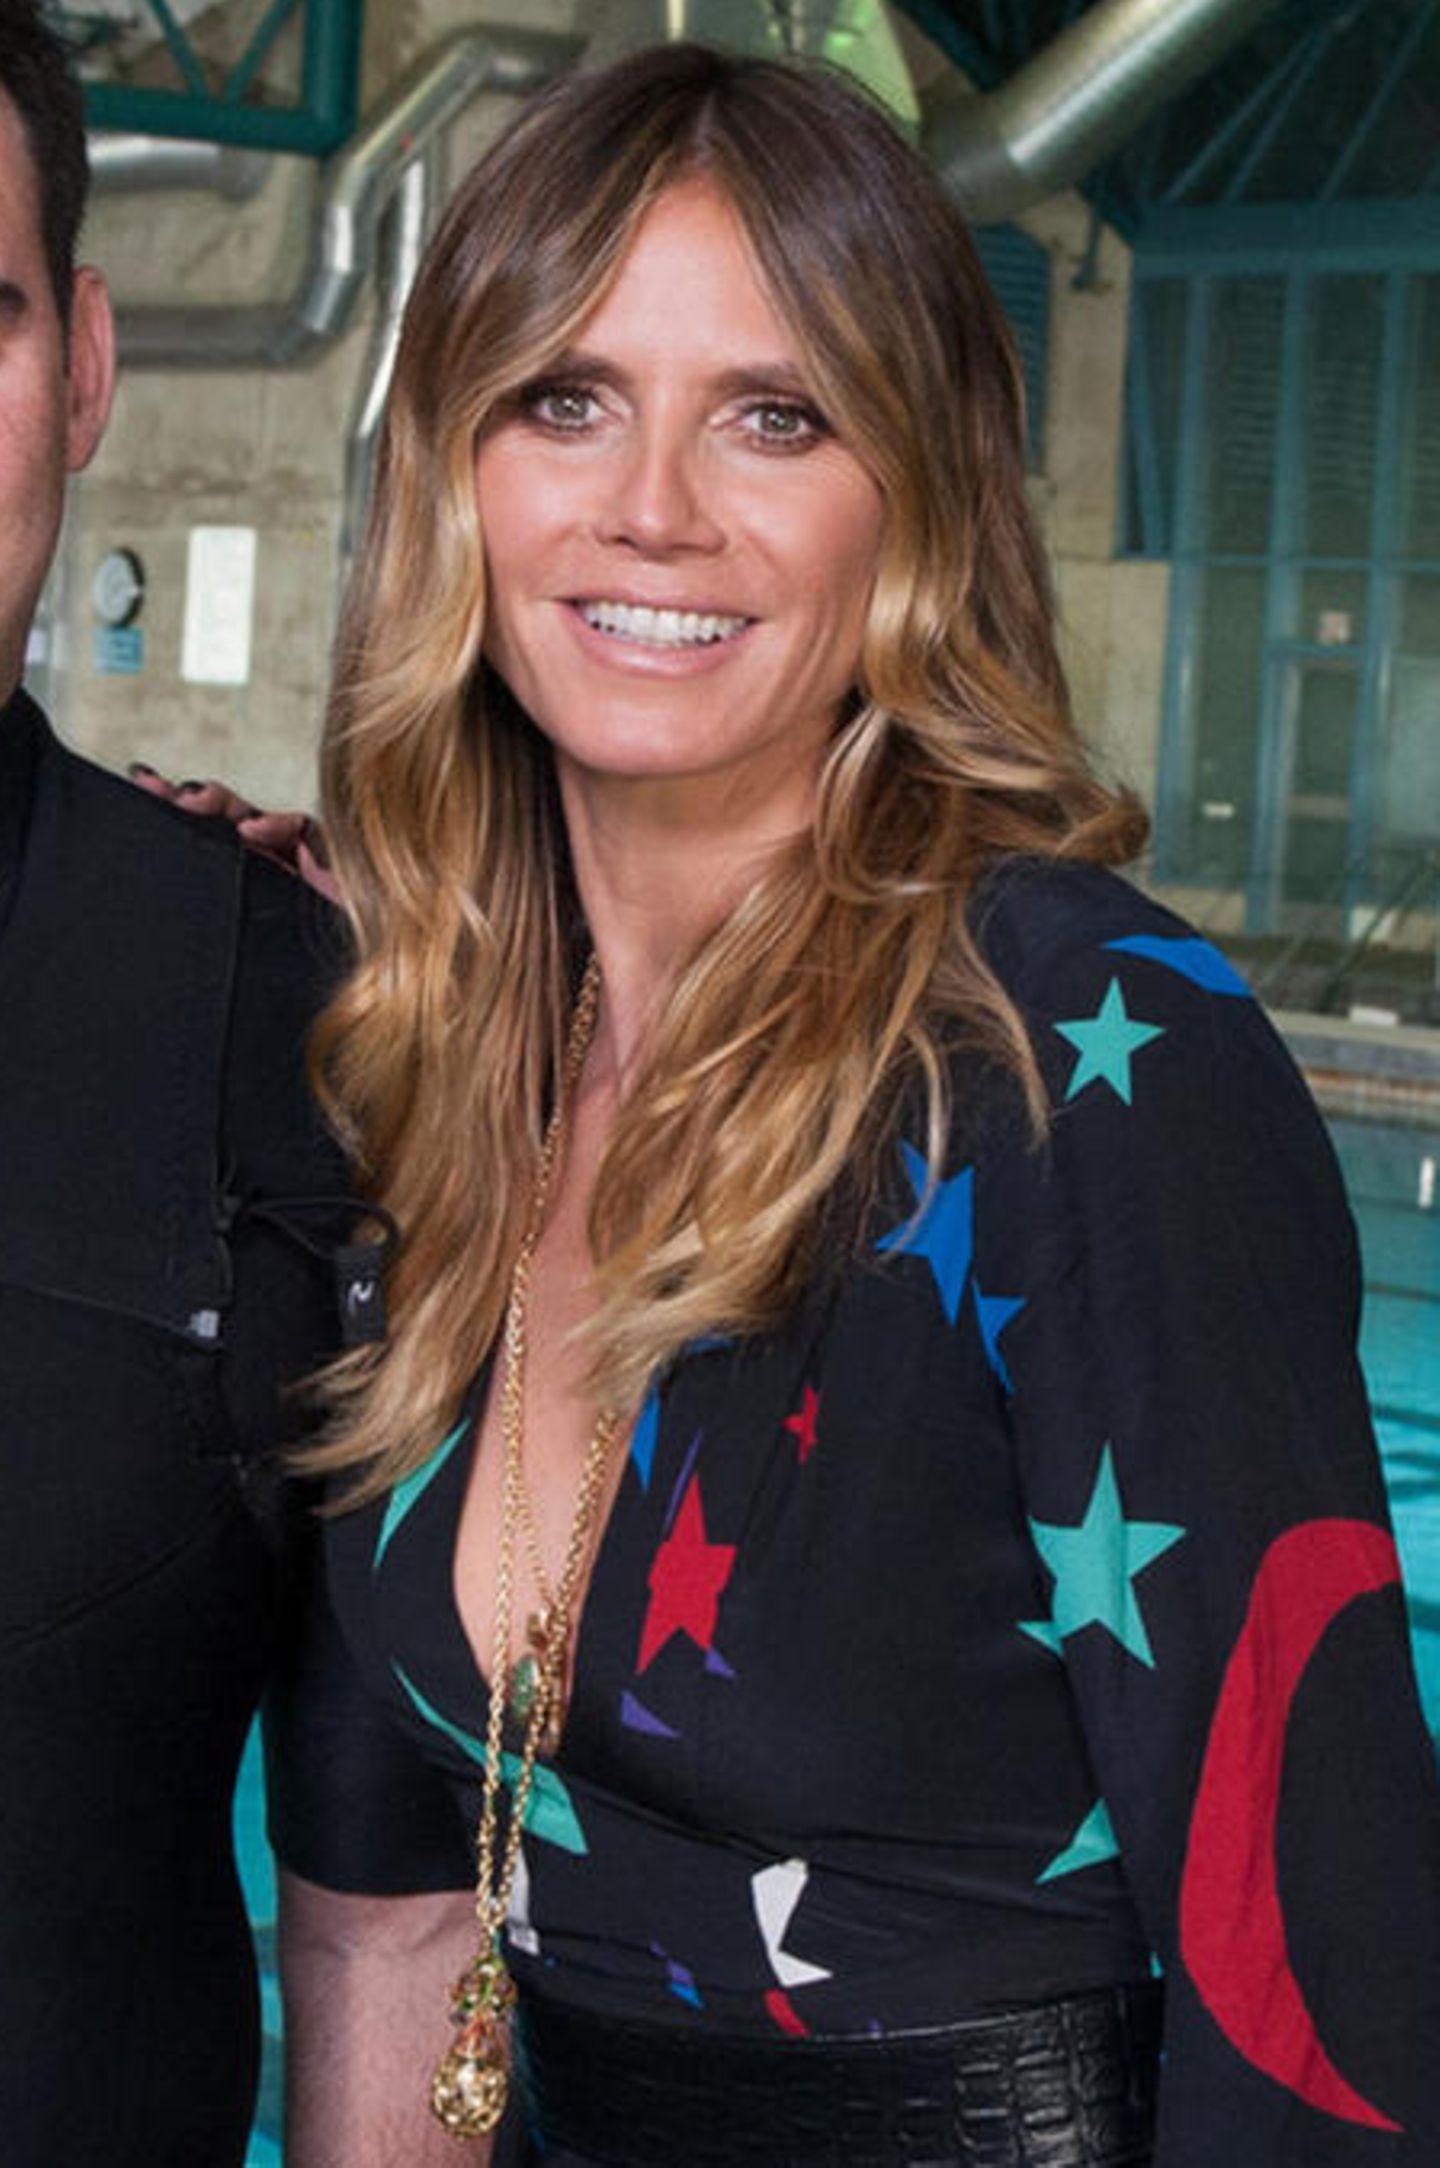 Staffel 12  Sehr sommerlich wirkt Heidi Klum im Mai 2017 am GNTM-Set. Ihr Teint scheint von der Sonne geküsst, ihr Haar davon natürlich aufgehellt. Vorbei sind die Zeiten der platinblonden Mähne und dem total coloriertem Haar. Und das steht ihr wirklich ausgezeichnet!